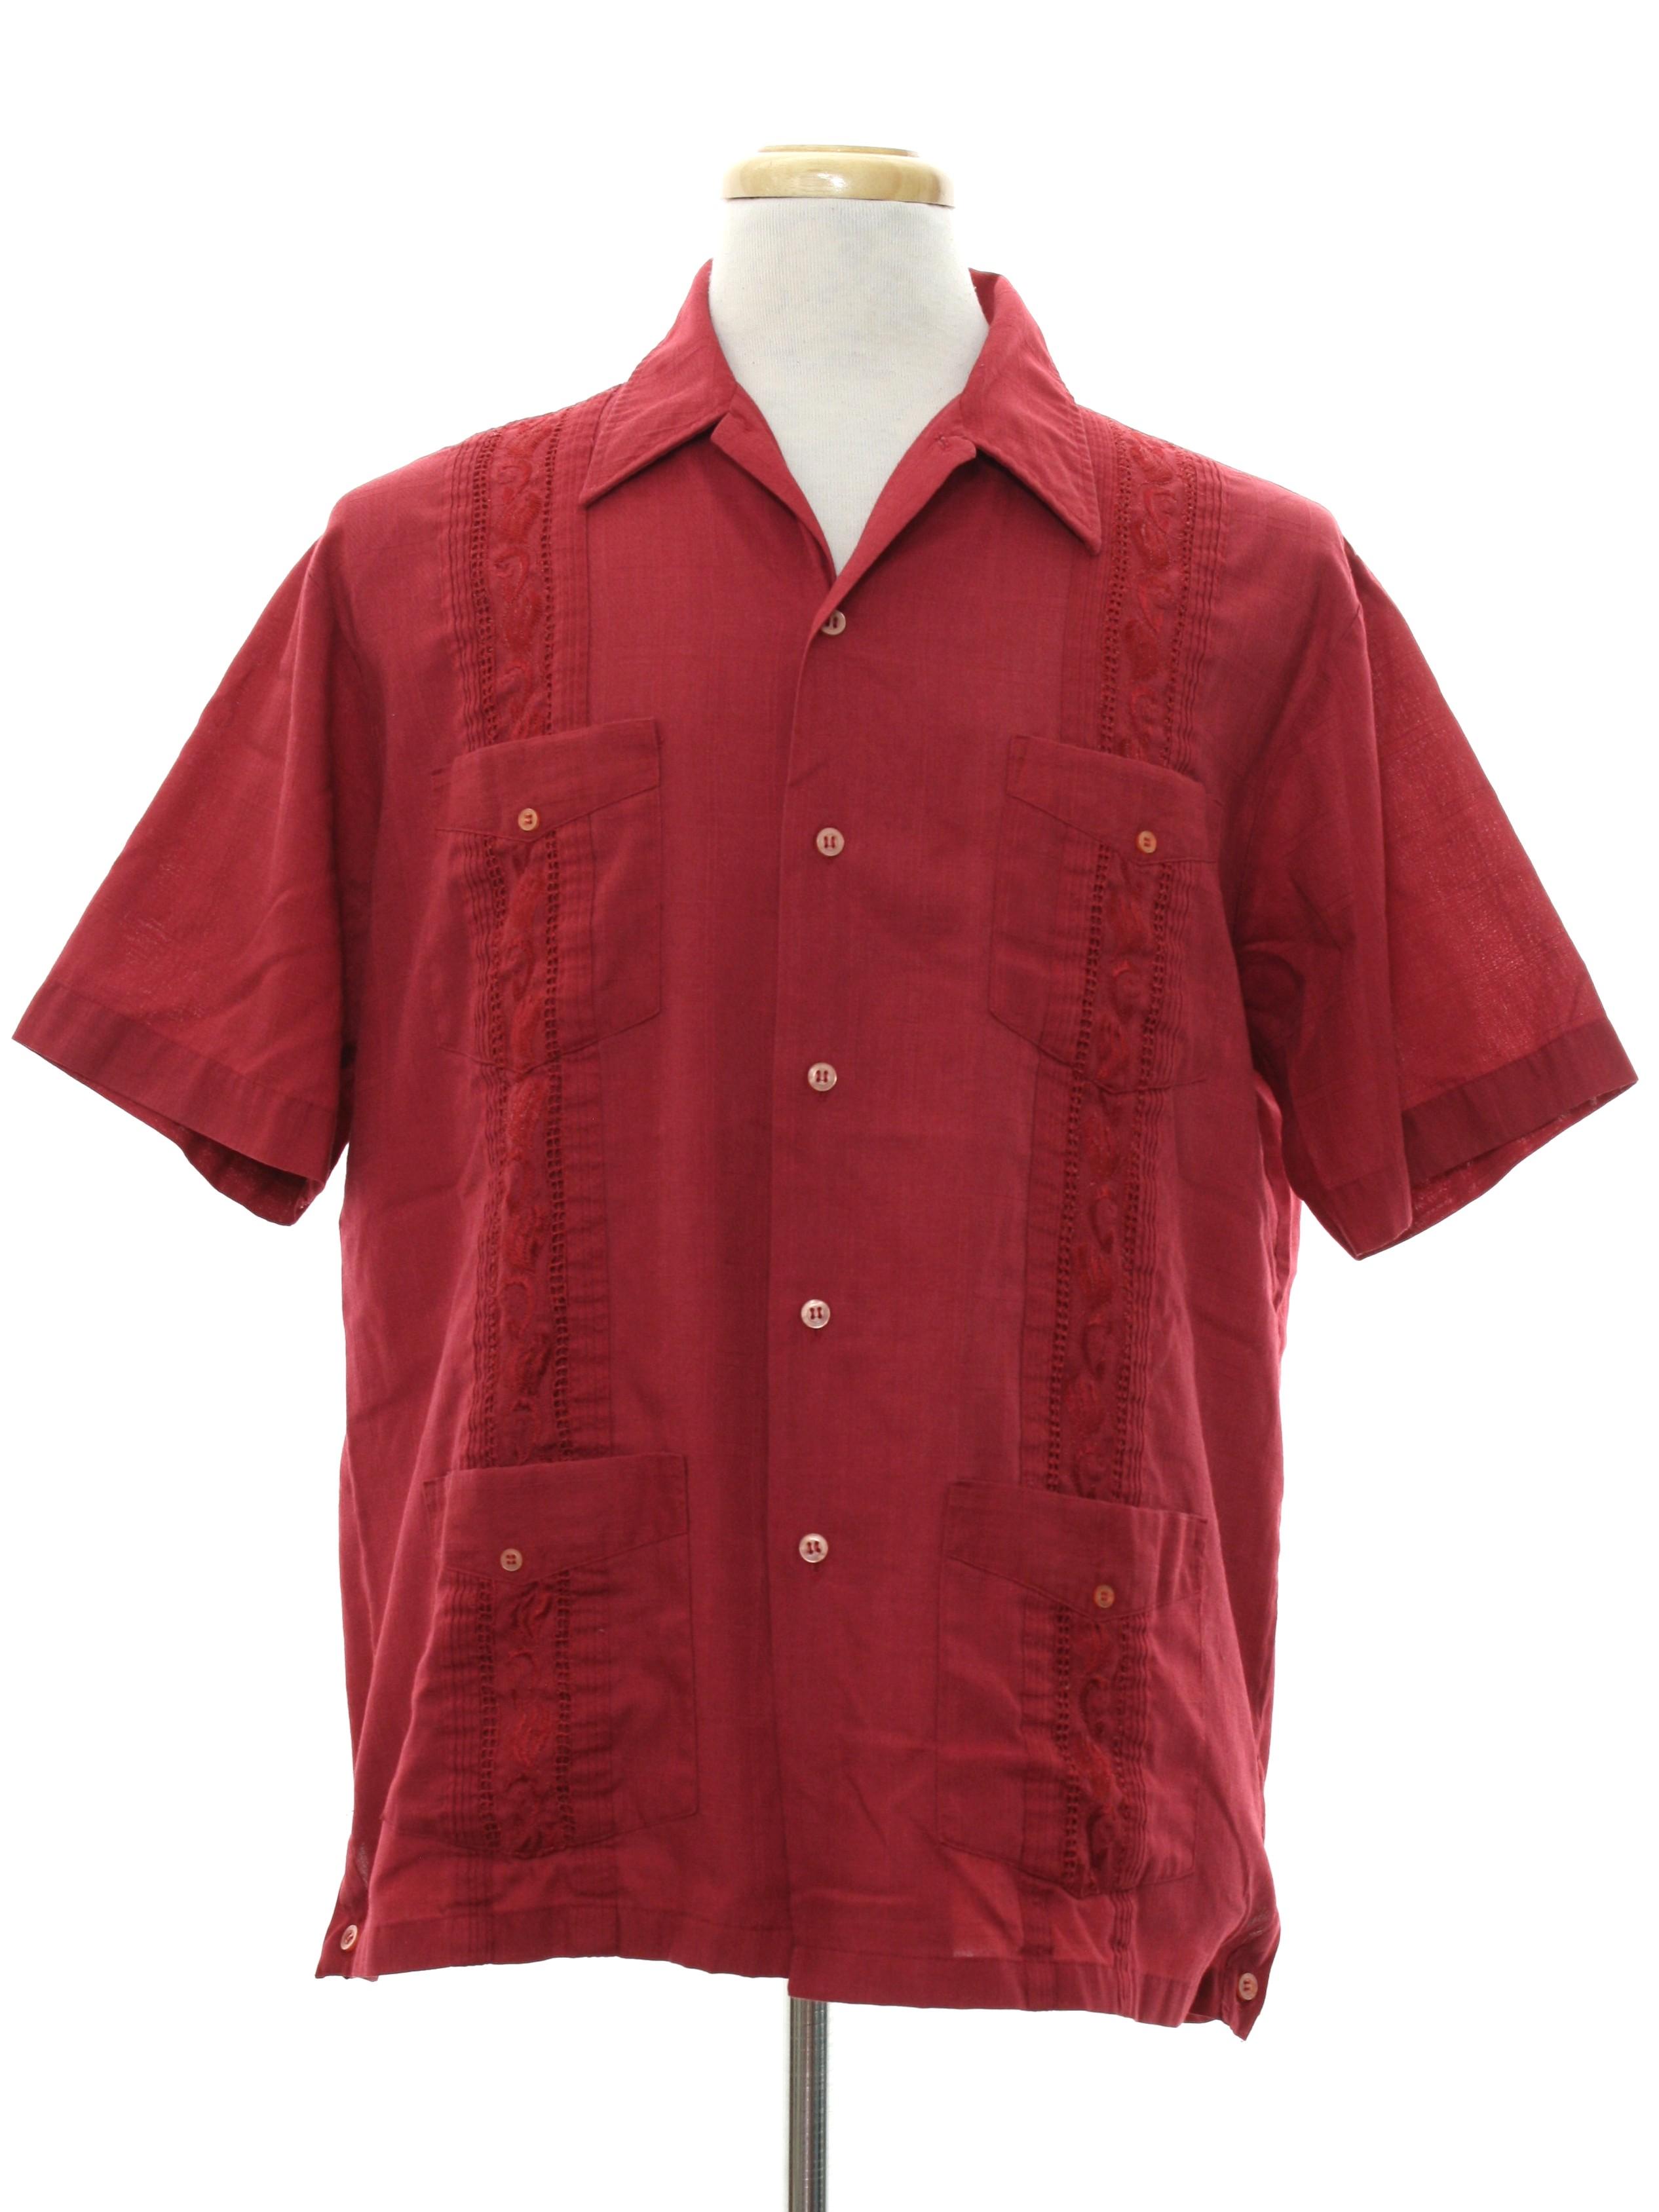 Retro 80s Guayabera Shirt (Guayabera by Haband) : 80s ...